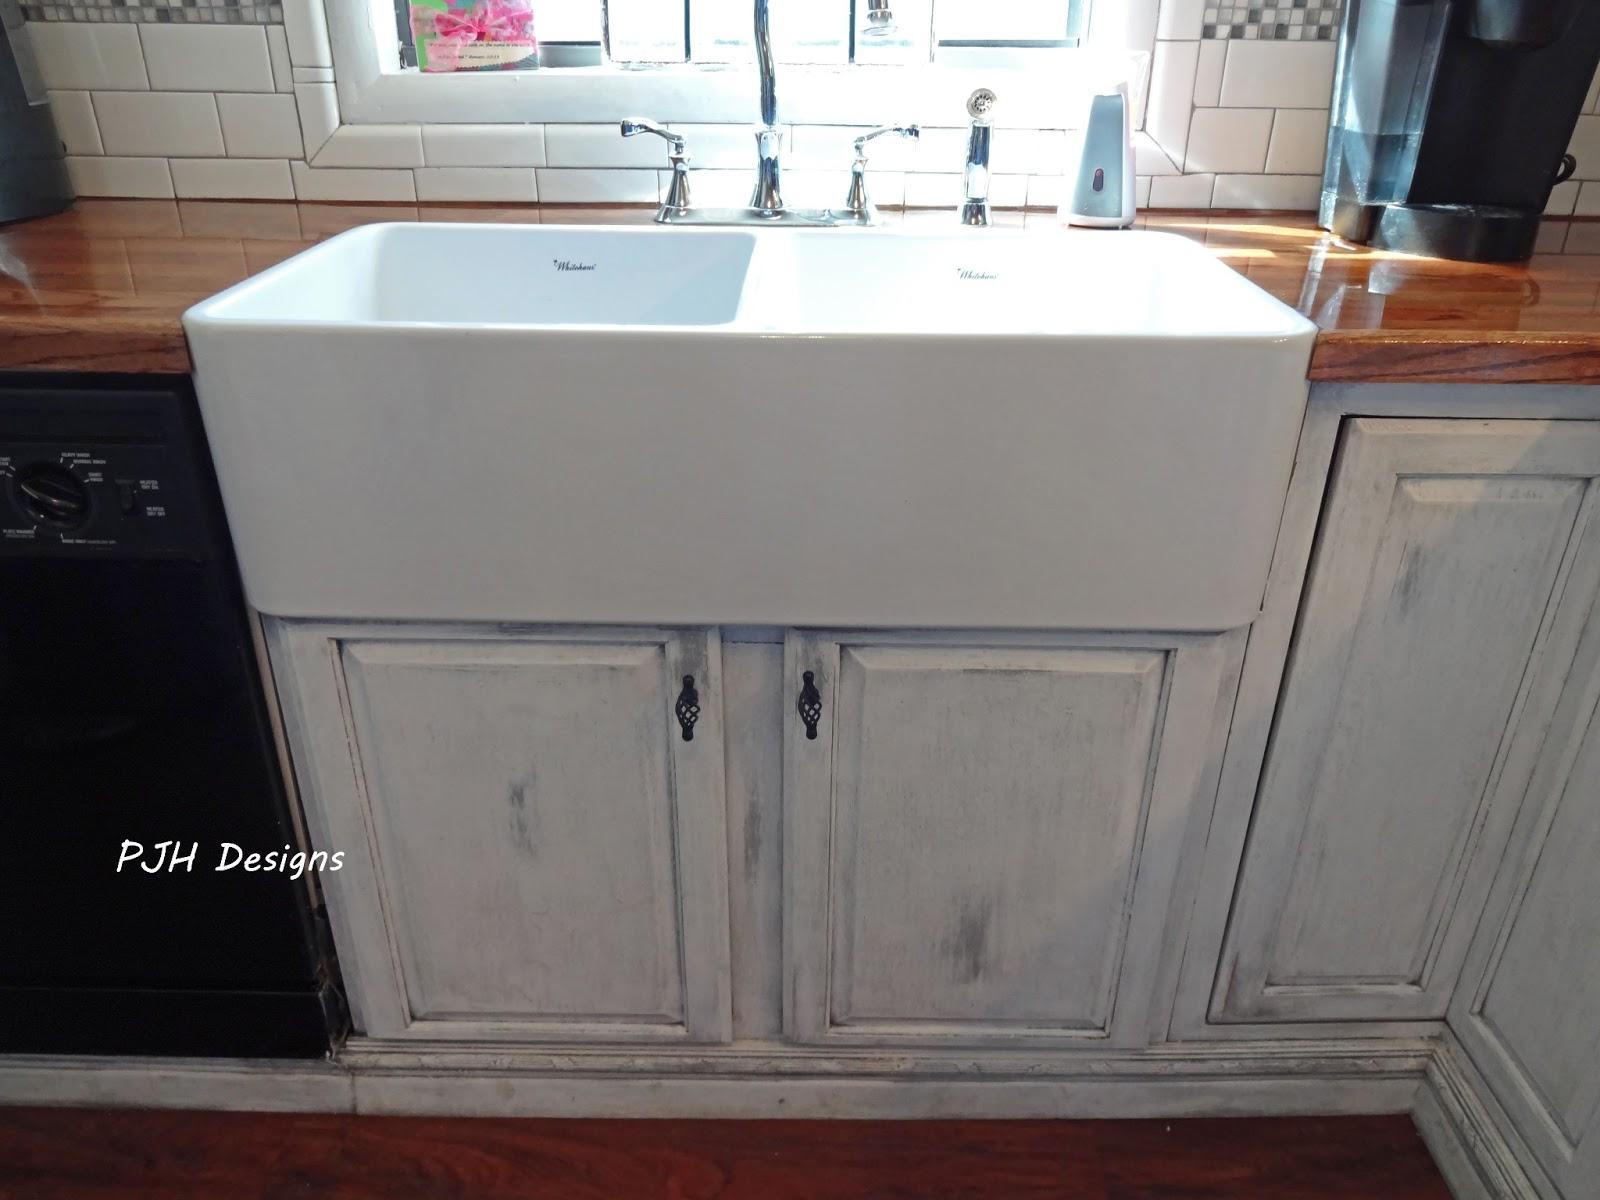 pjh designs hand painted antique furniture apron sink. Black Bedroom Furniture Sets. Home Design Ideas